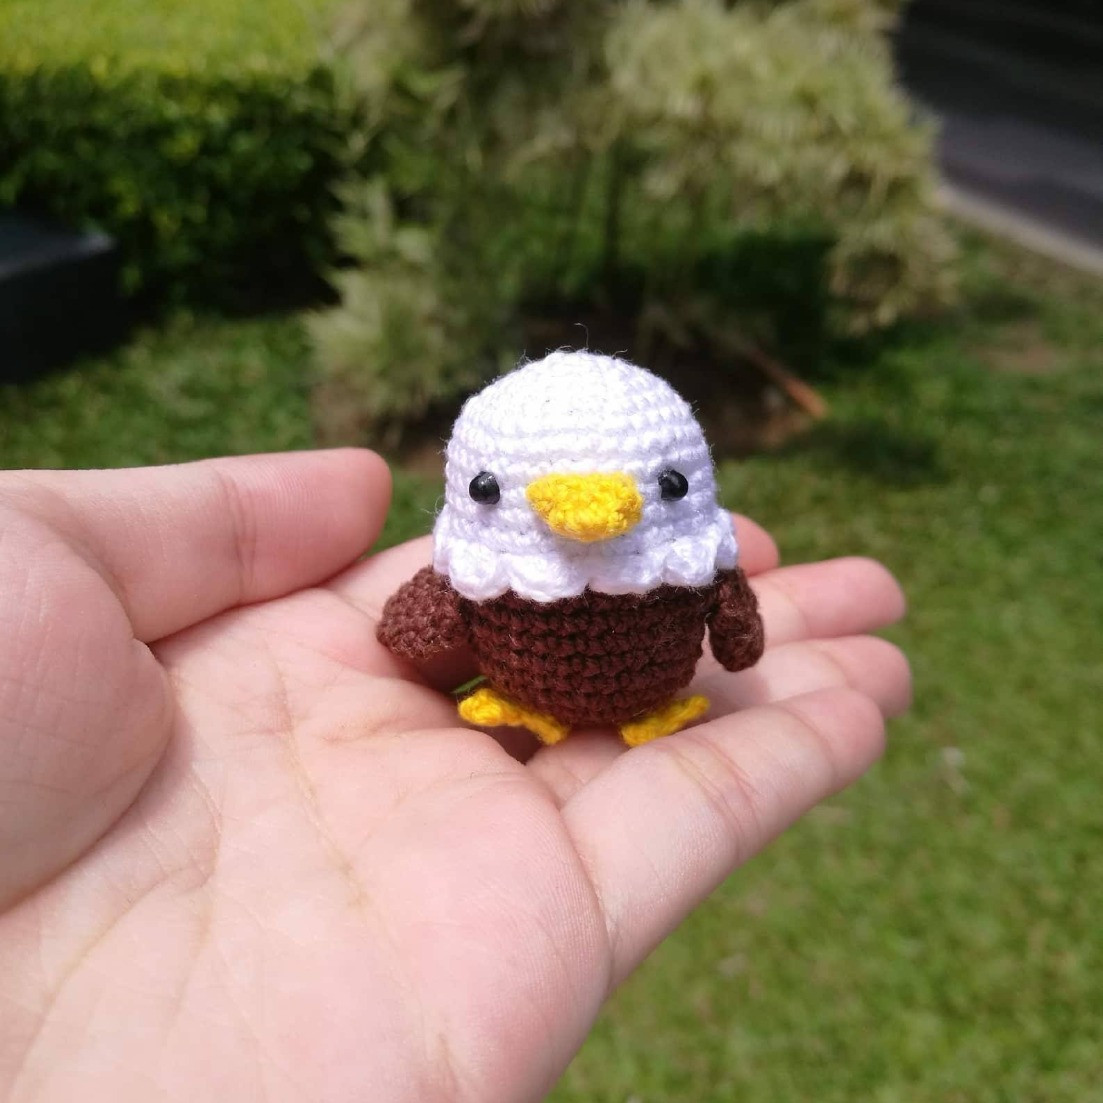 Nerdigurumi - Free Amigurumi Crochet Patterns with love for the ... | 1330x1330